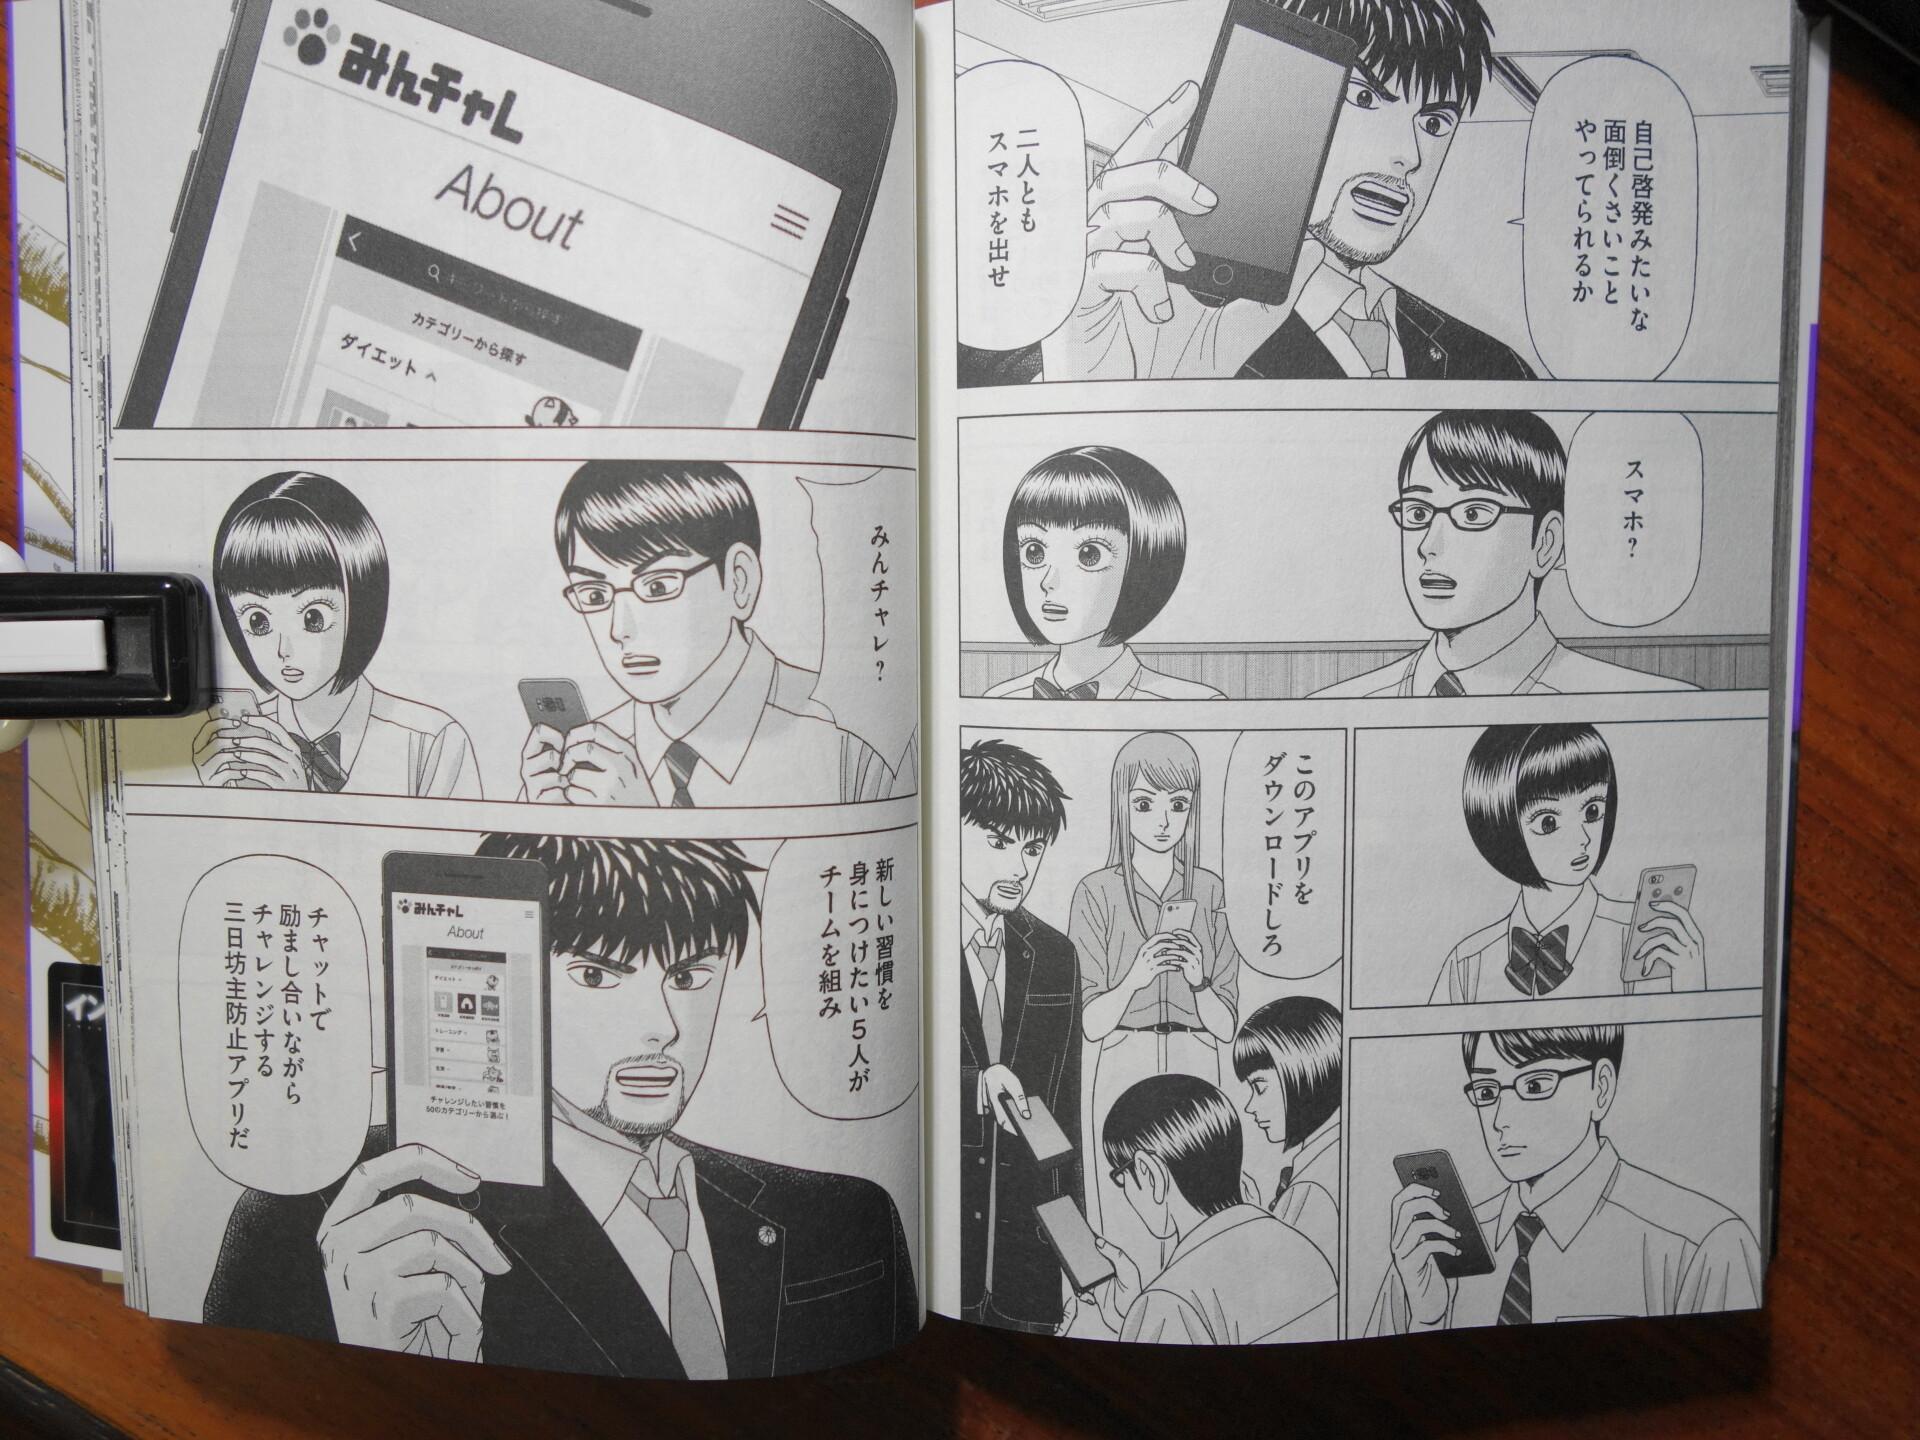 ドラゴン桜2第10巻から「みんチャレ」の紹介